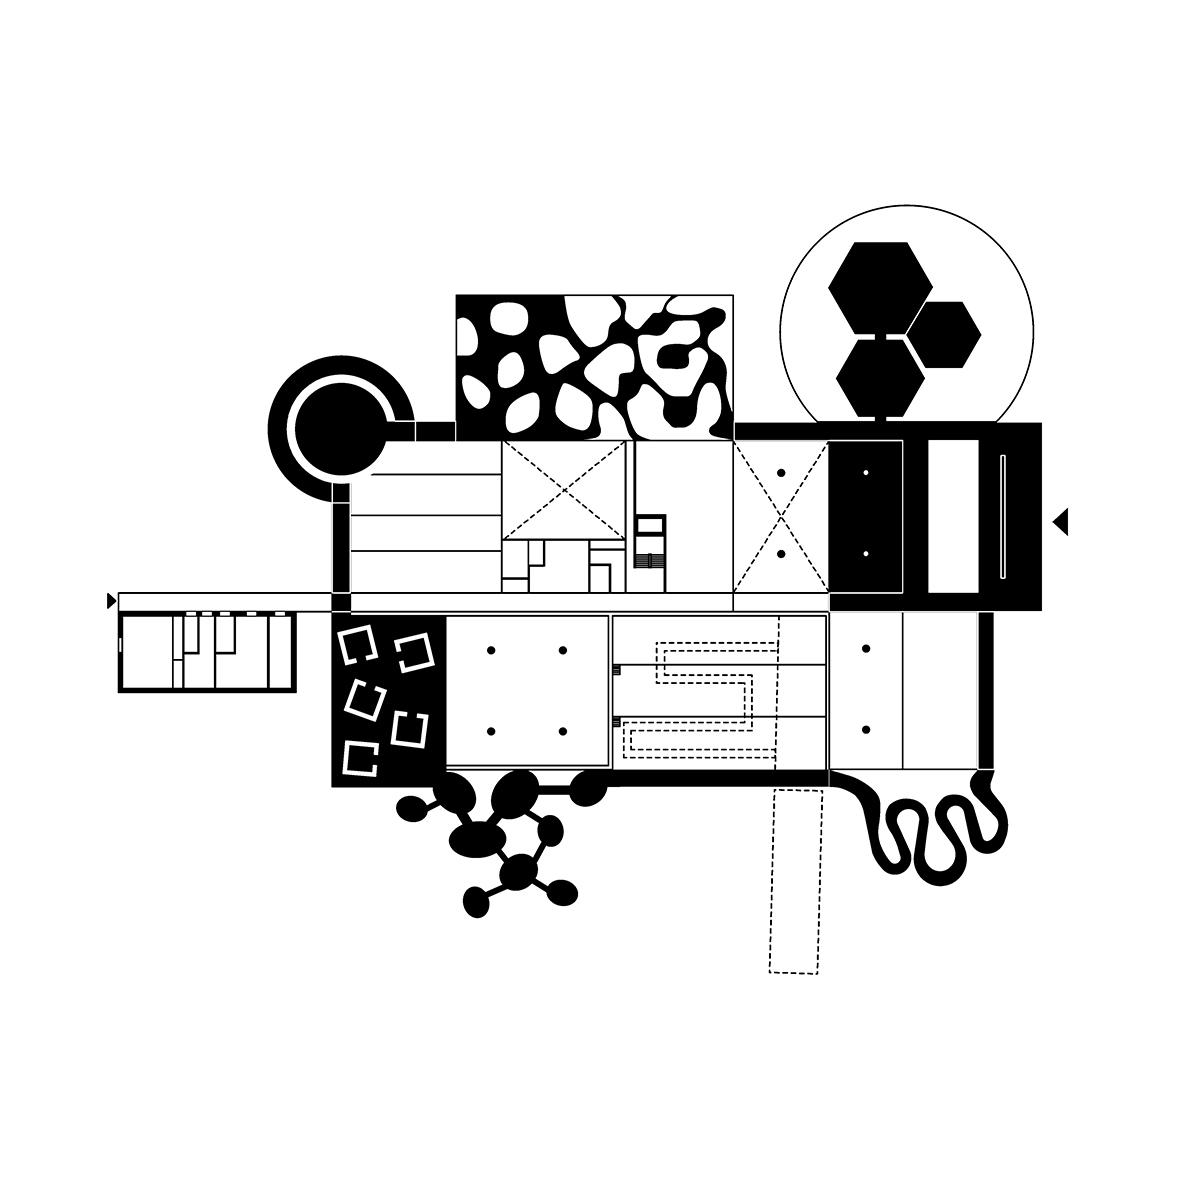 Pelletier-de-Fontenay_EPV_02_diagram_web.jpg